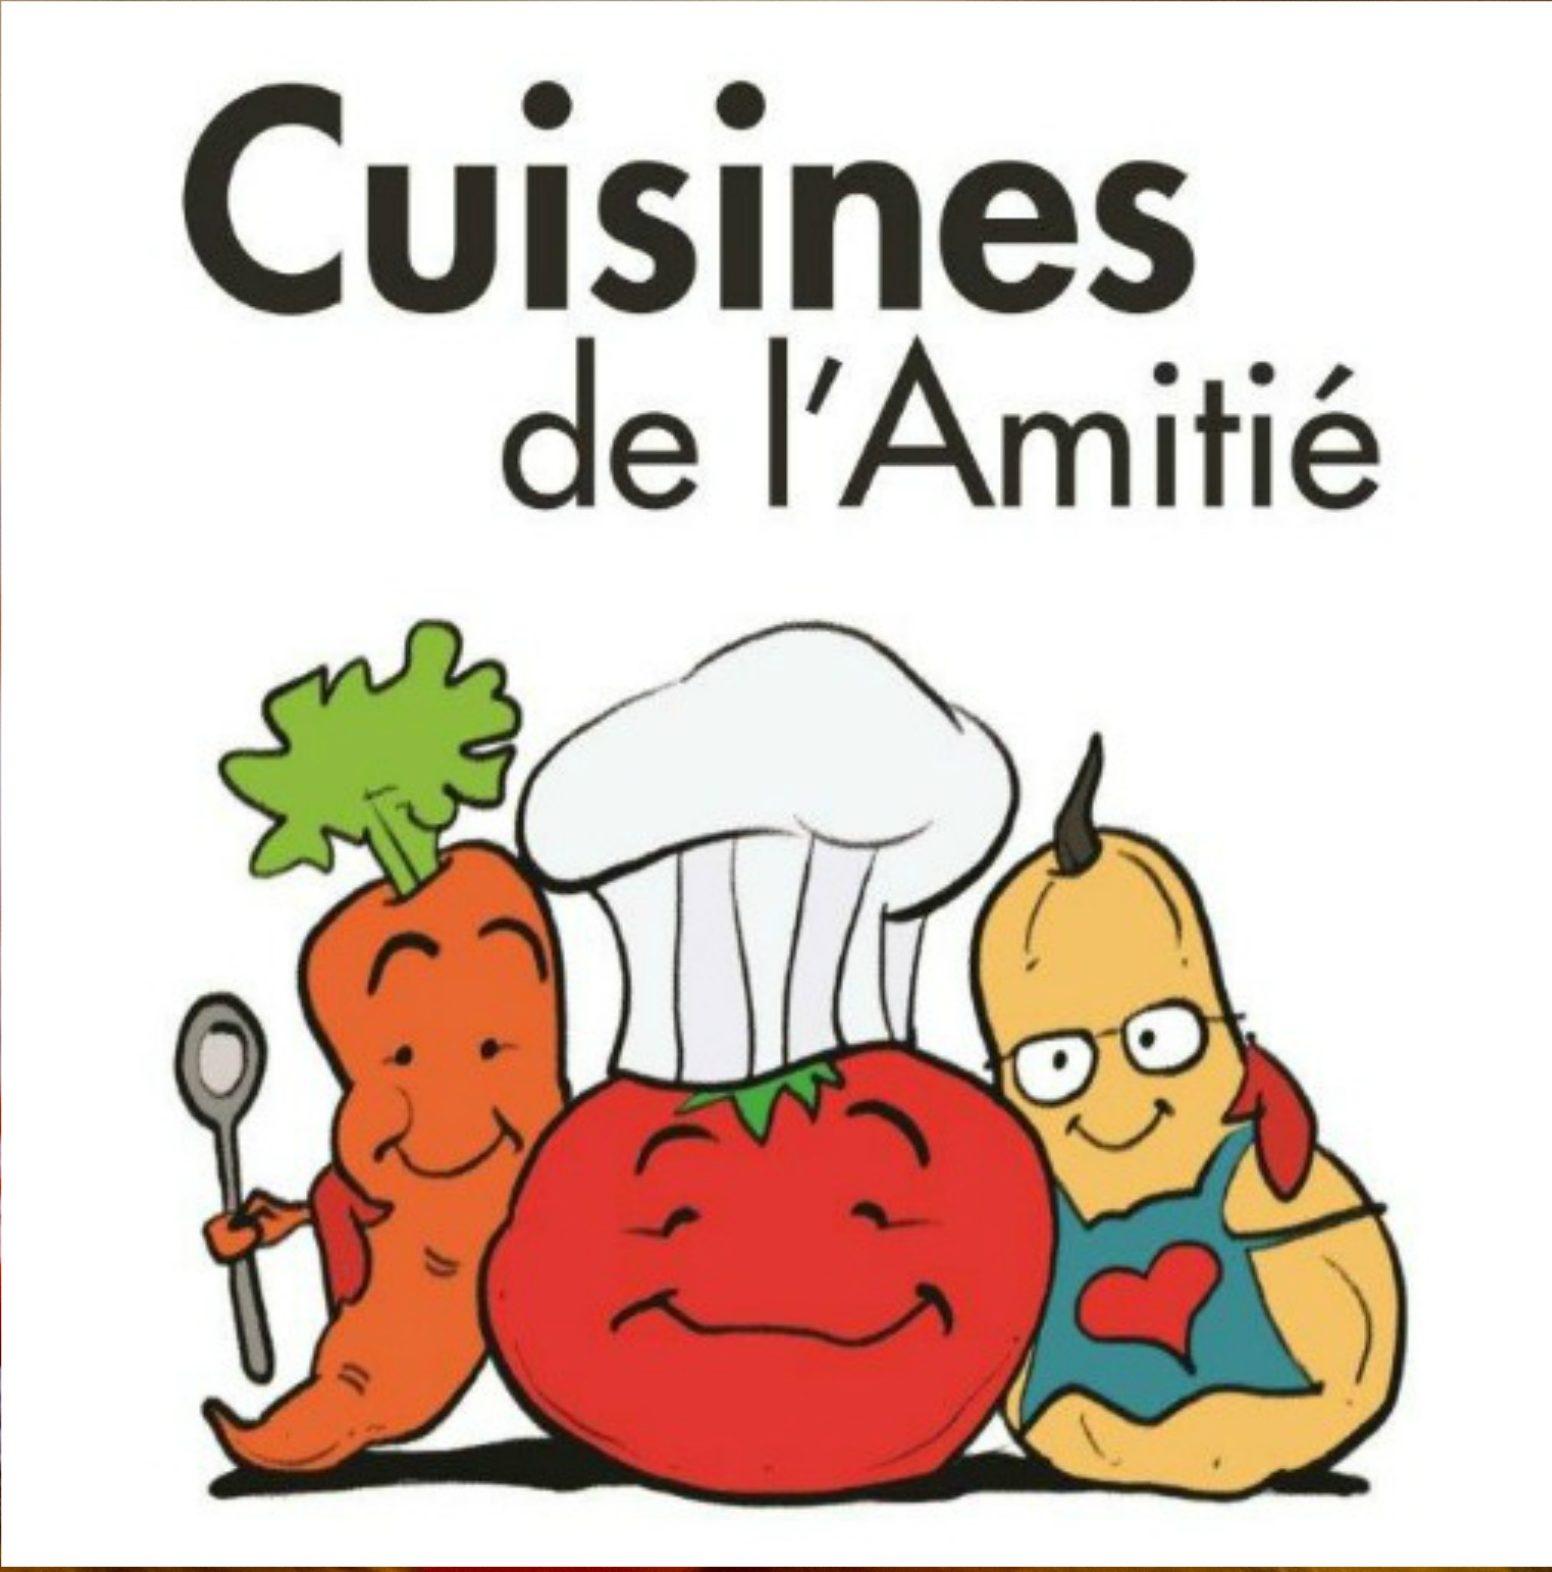 Cuisines de l'Amitié